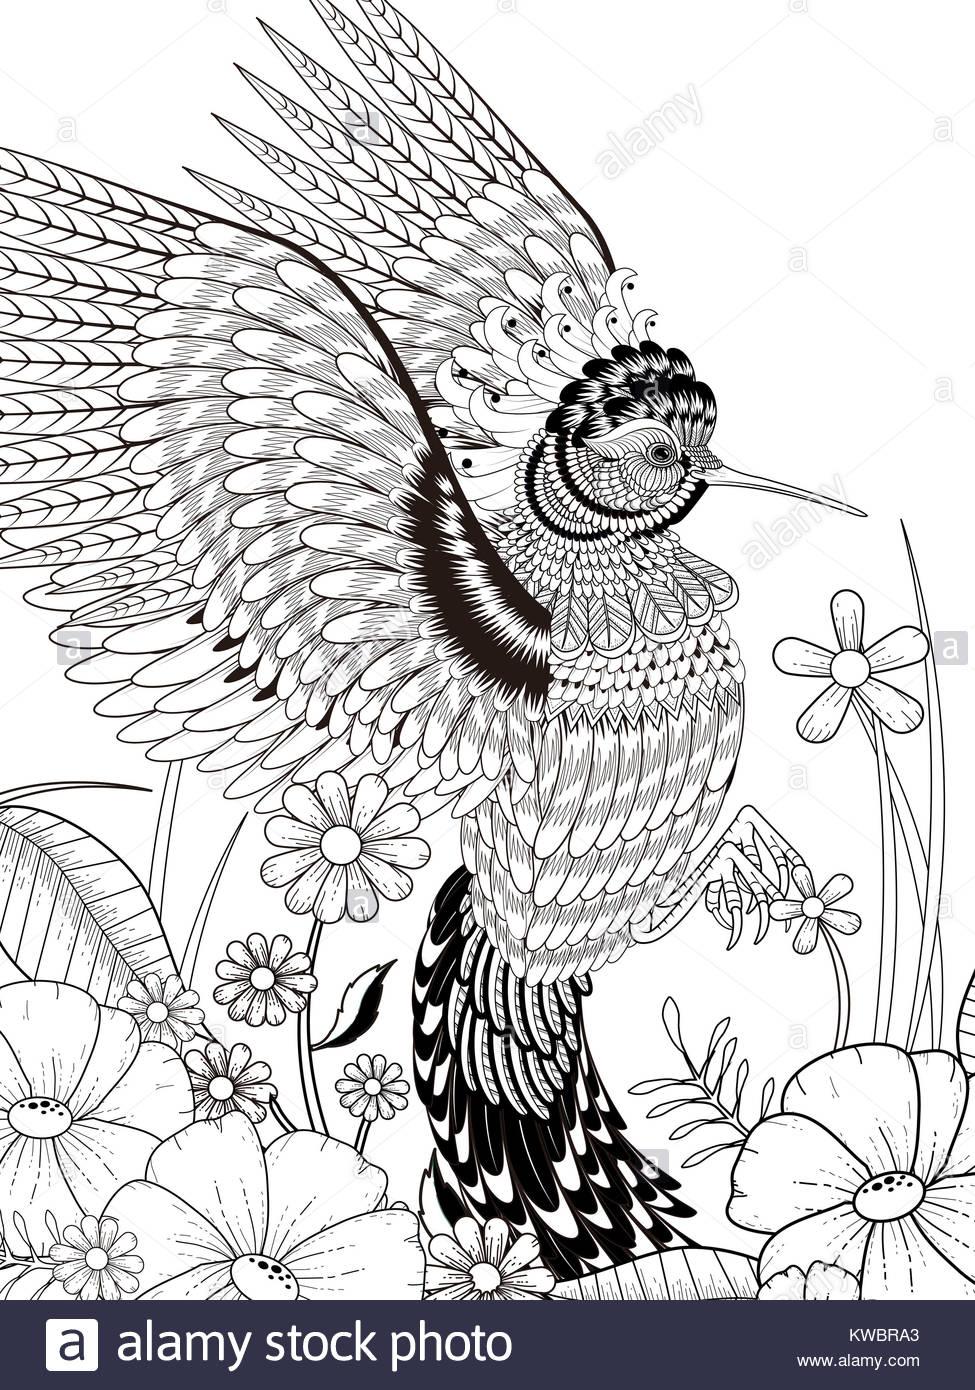 Atemberaubend Kolibri Malvorlagen Zum Ausdrucken Bilder ...